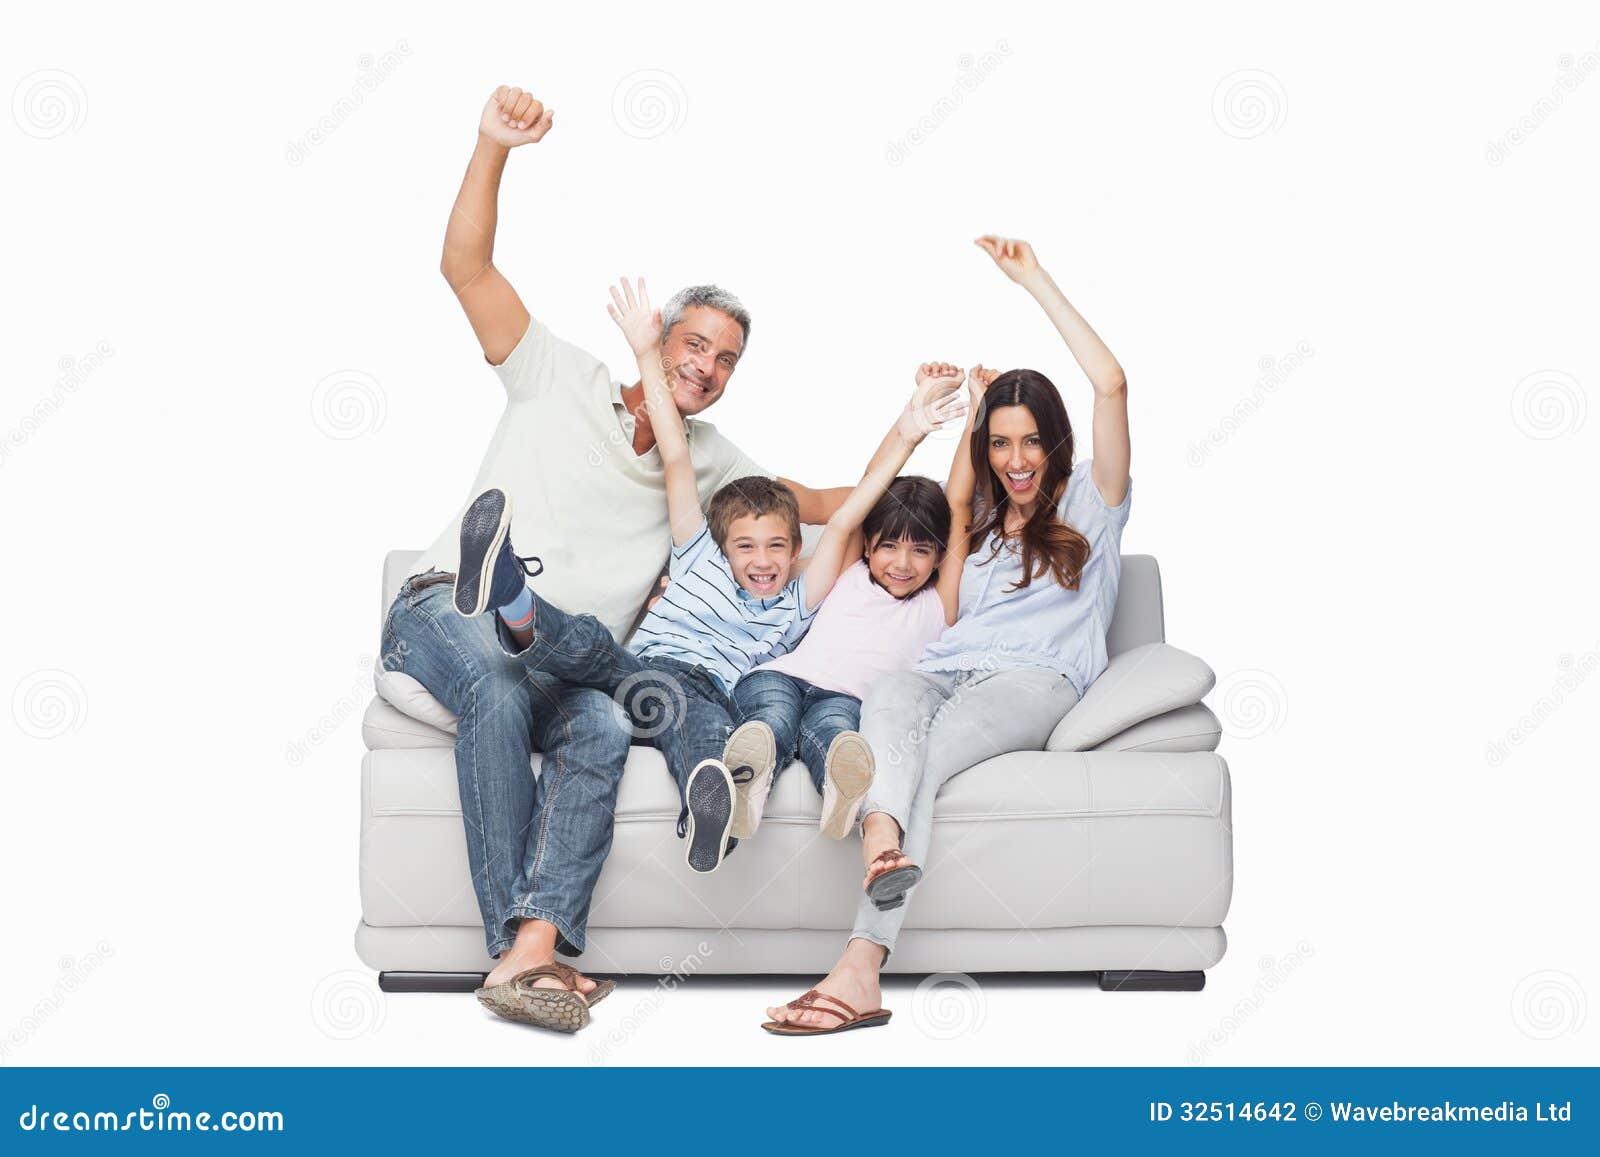 Family Sitting On Sofa Raising Their Arms Stock